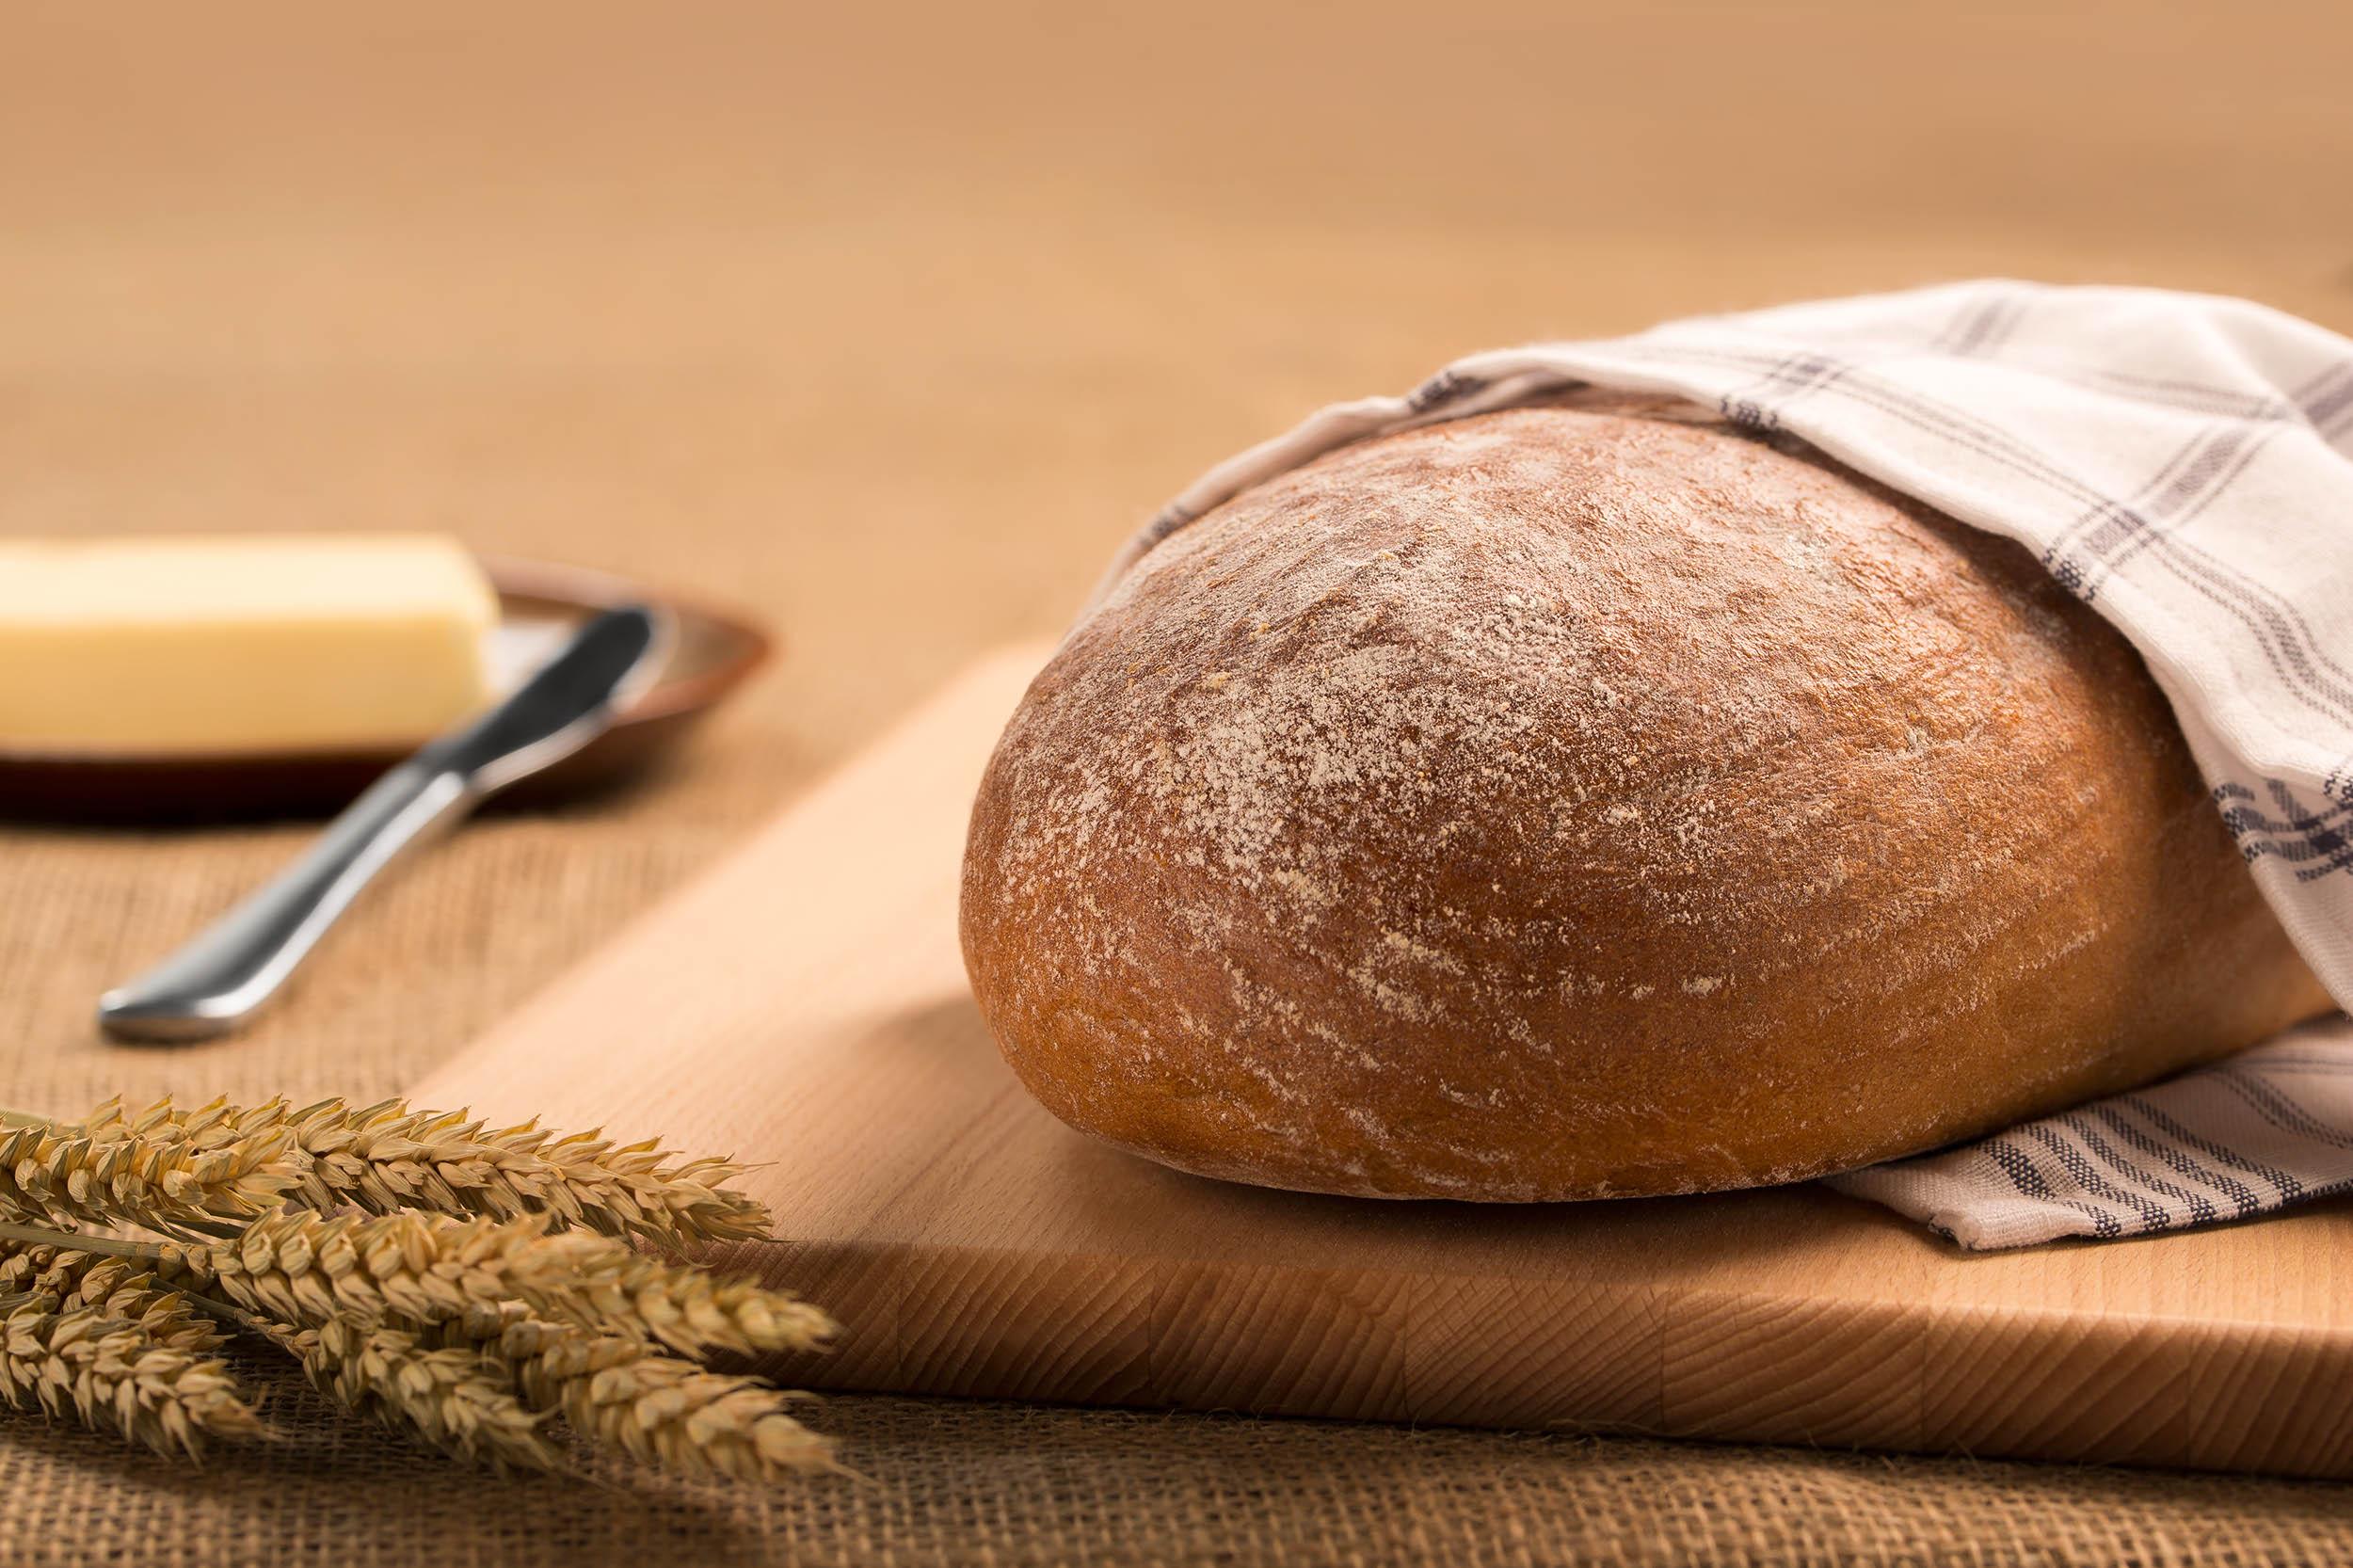 Kváskový chléb Znojmo